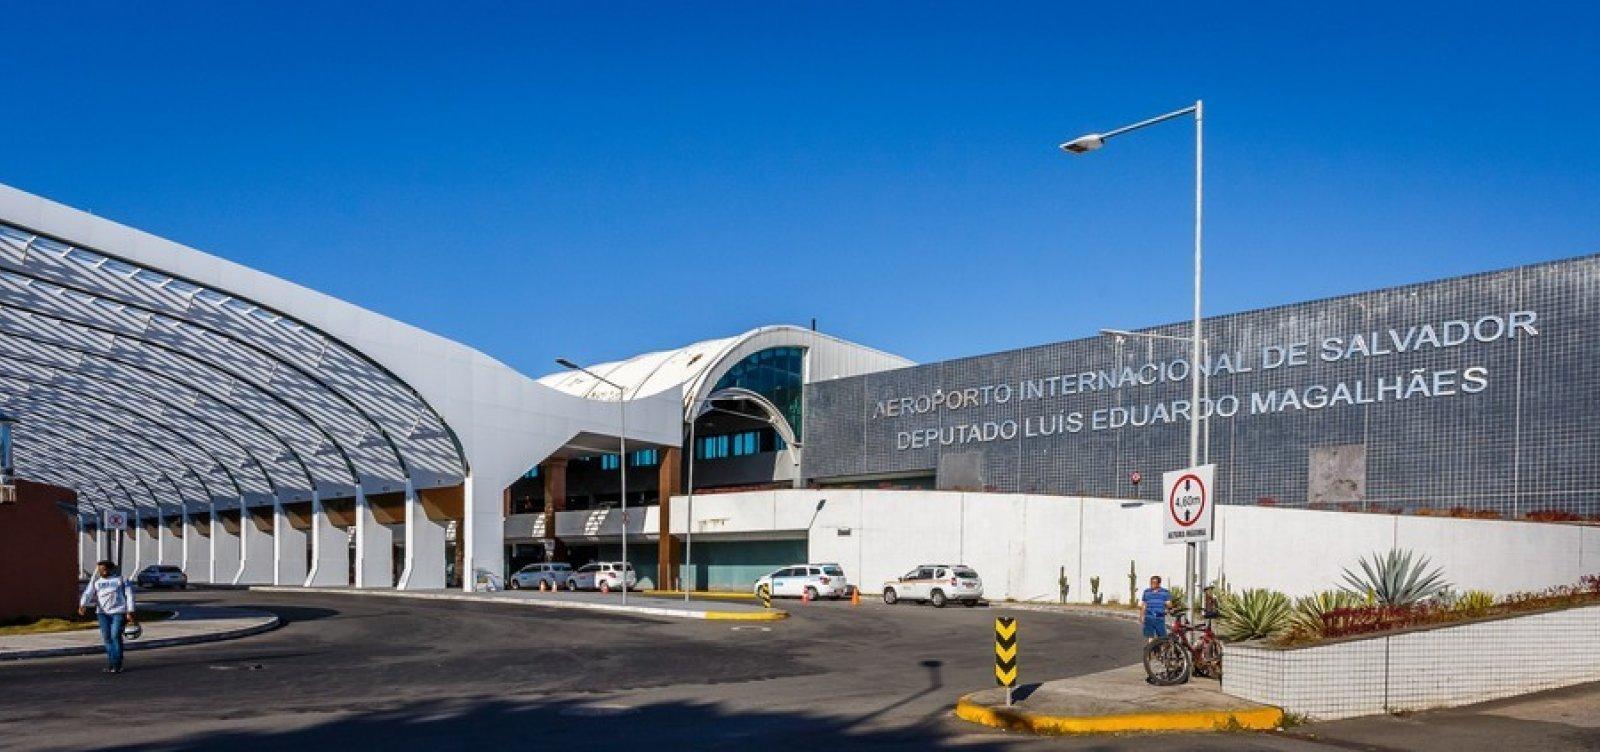 [Em obras, Aeroporto de Salvador tem menor índice de aprovação entre usuários no Brasil]